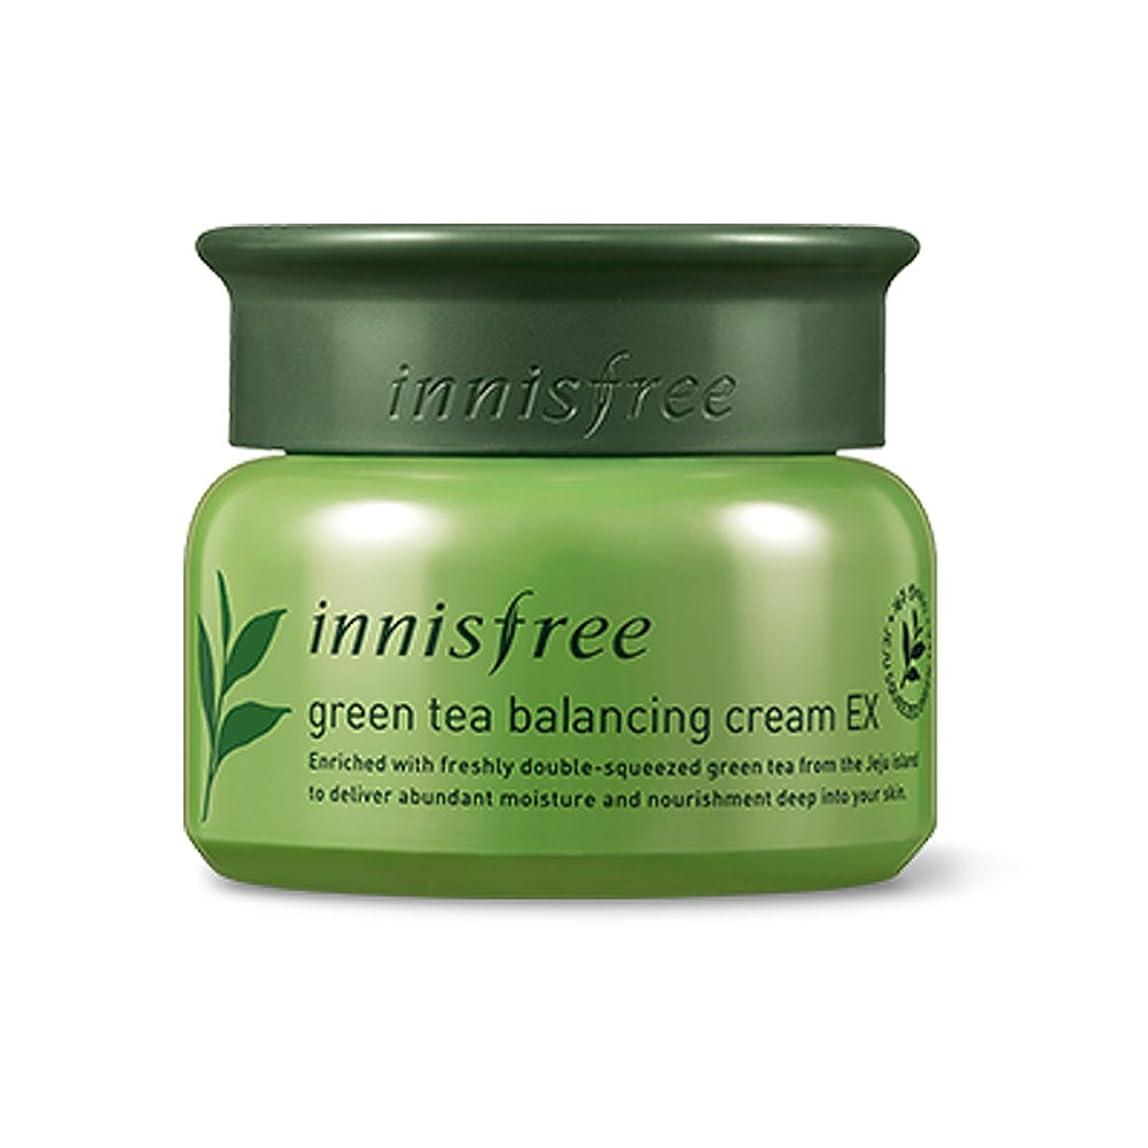 アルカイックプラス代わりにを立てるイニスフリーグリーンティーバランスクリーム50ml「2018新製品」 Innisfree Green Tea Balancing Cream 50ml